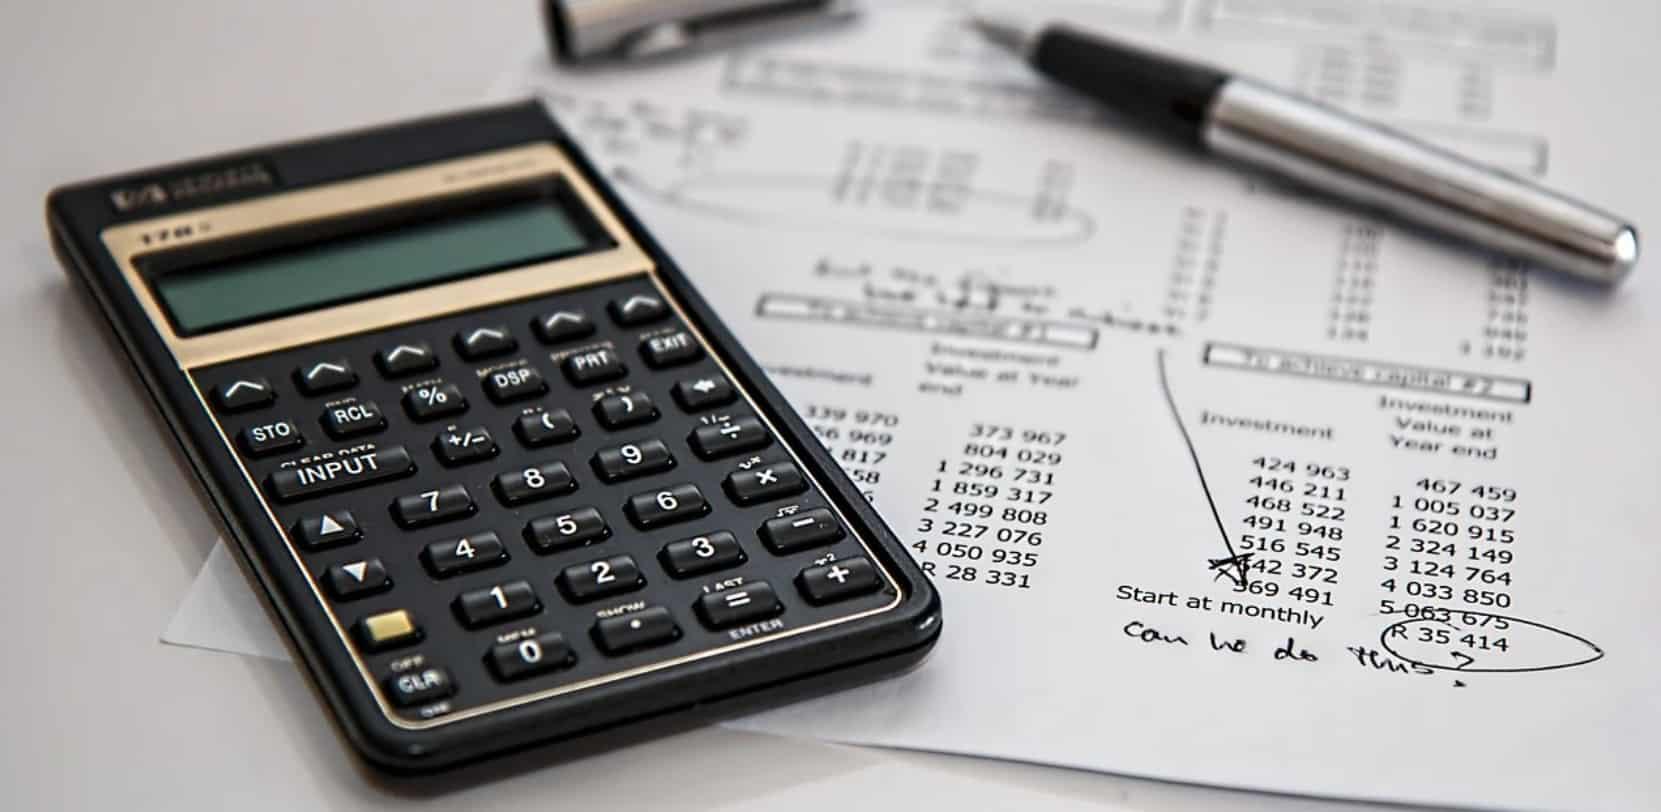 Comparatif pour choisir la meilleure calculatrice financière